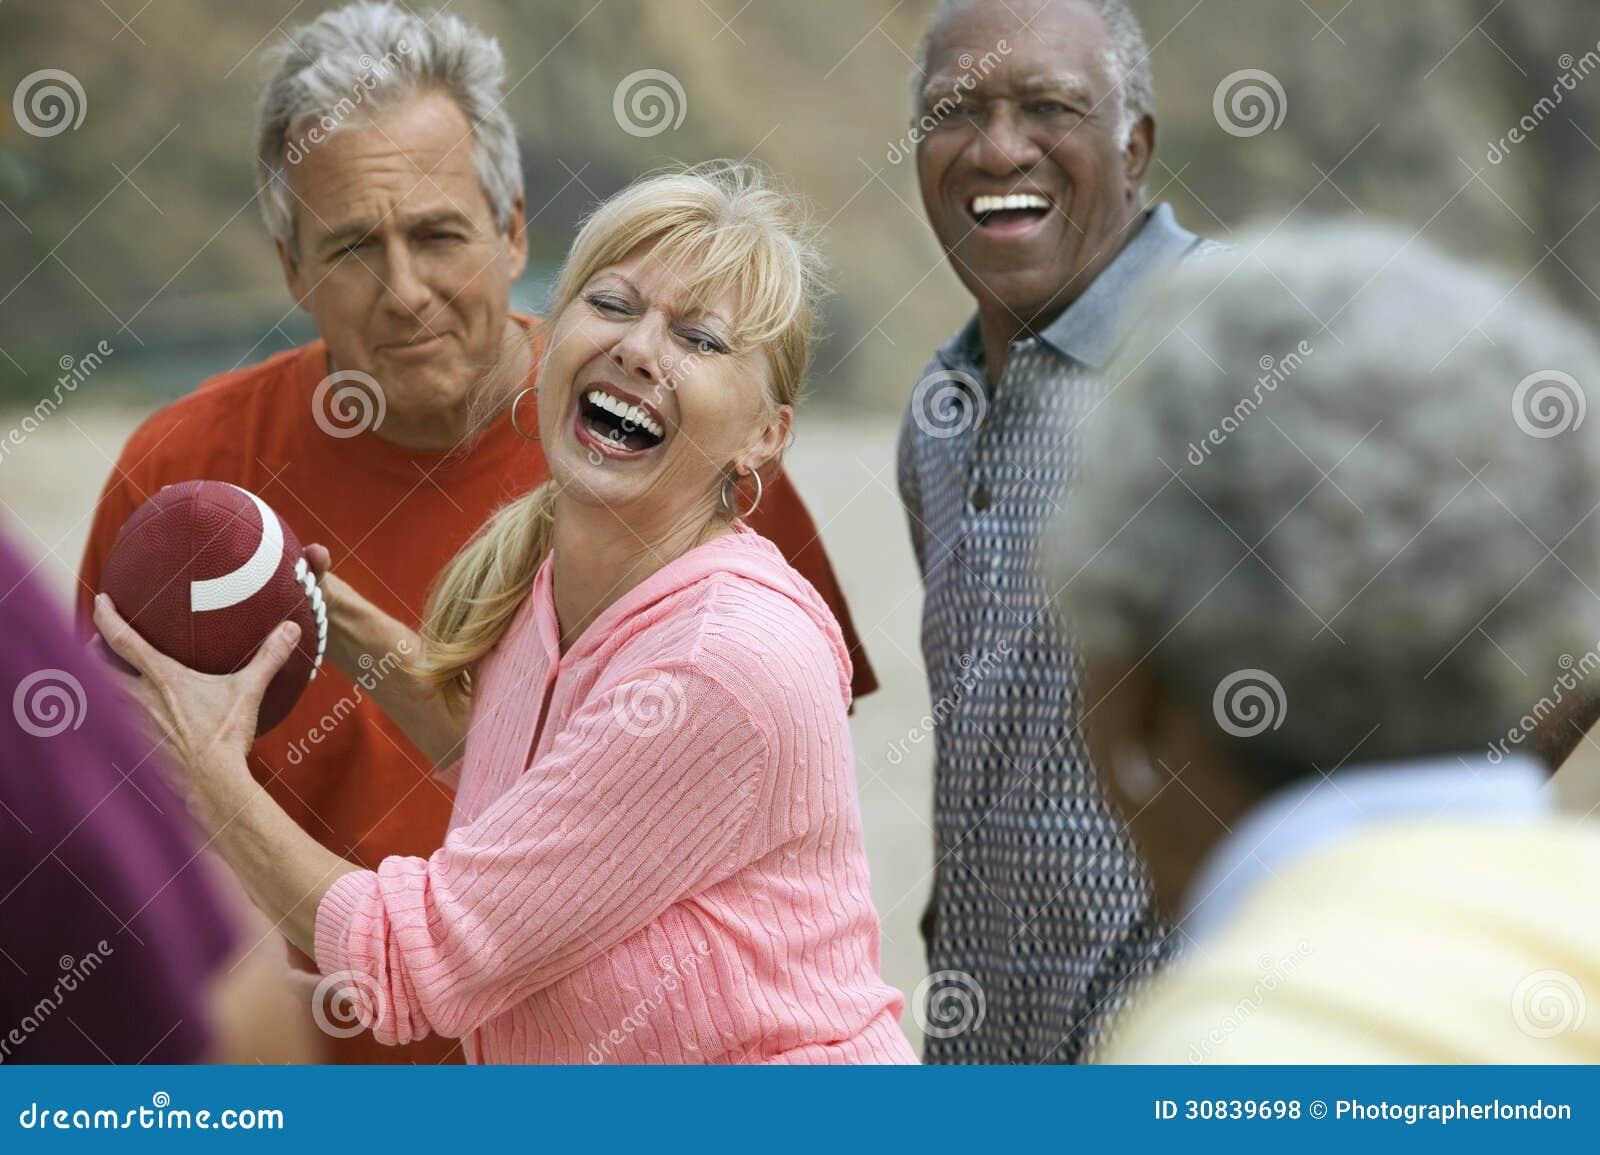 踢橄榄球的成人朋友